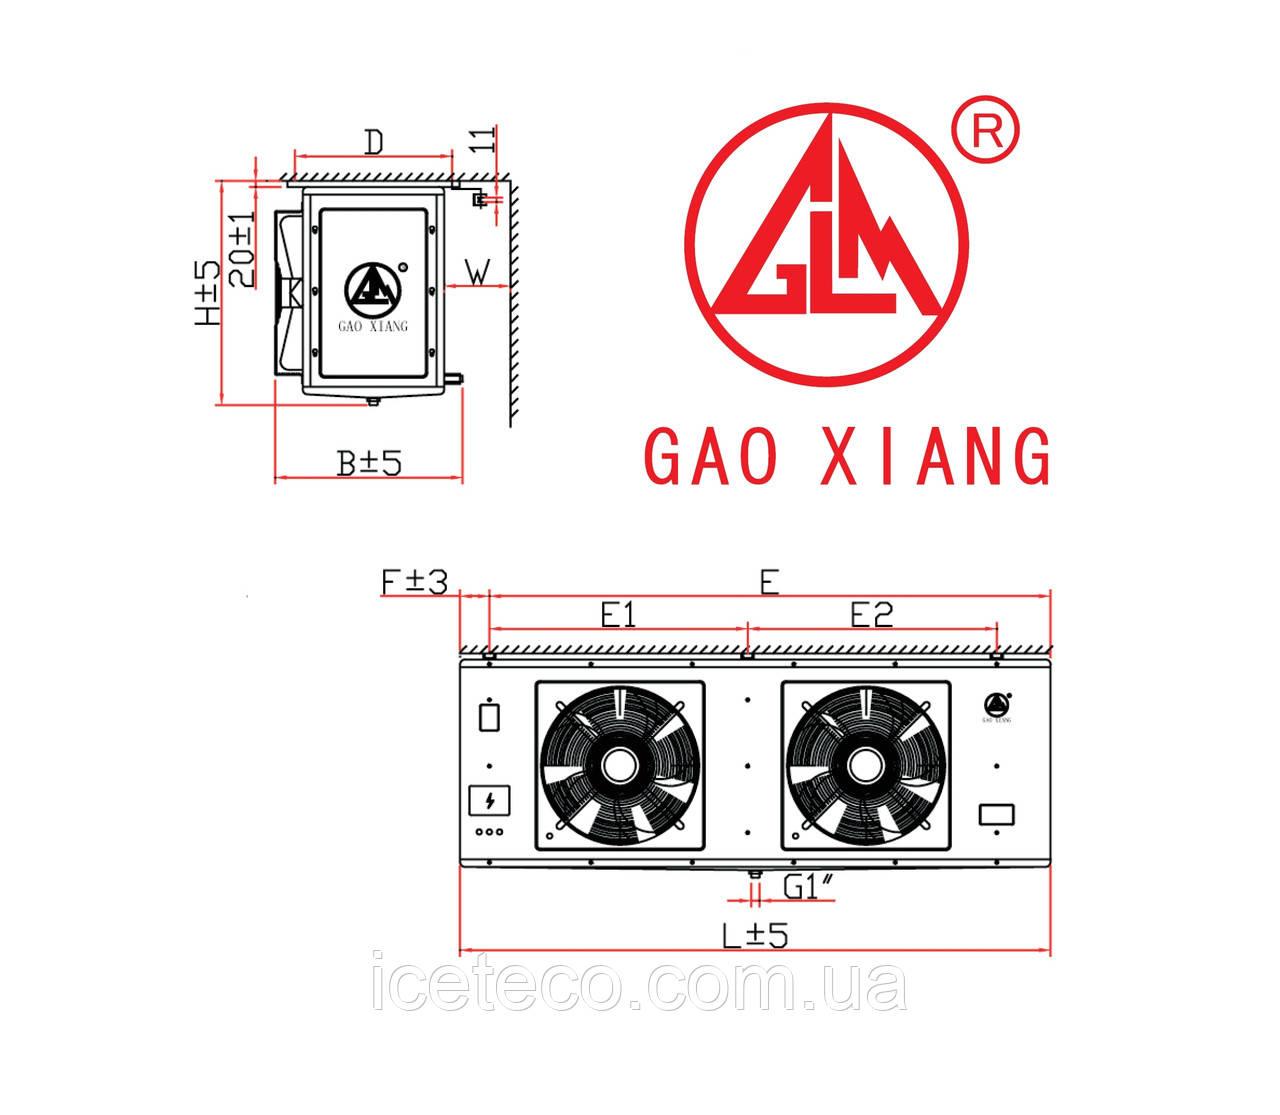 Воздухоохладитель DD-2.6/15 кубический Gaoxiang